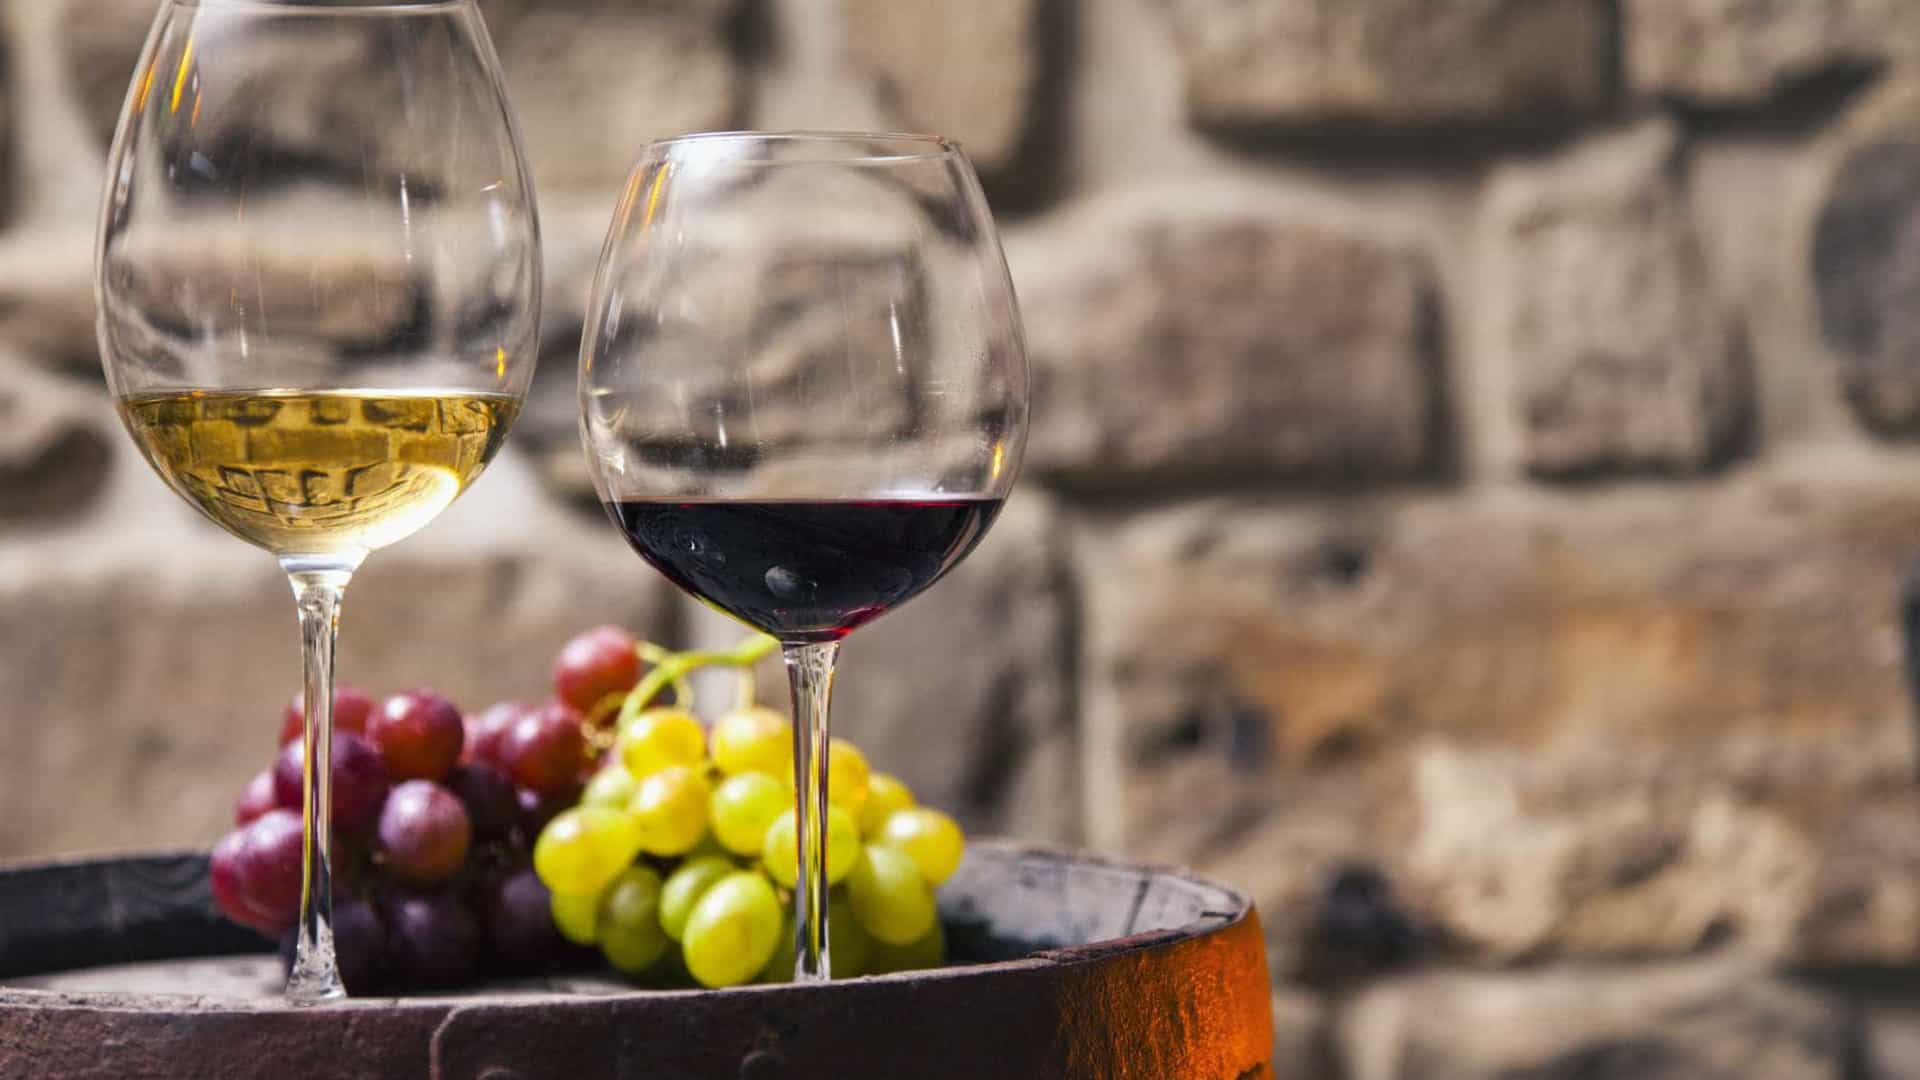 Conheça os vinhos branco e tinto lusos que receberam 'ouro' em concurso